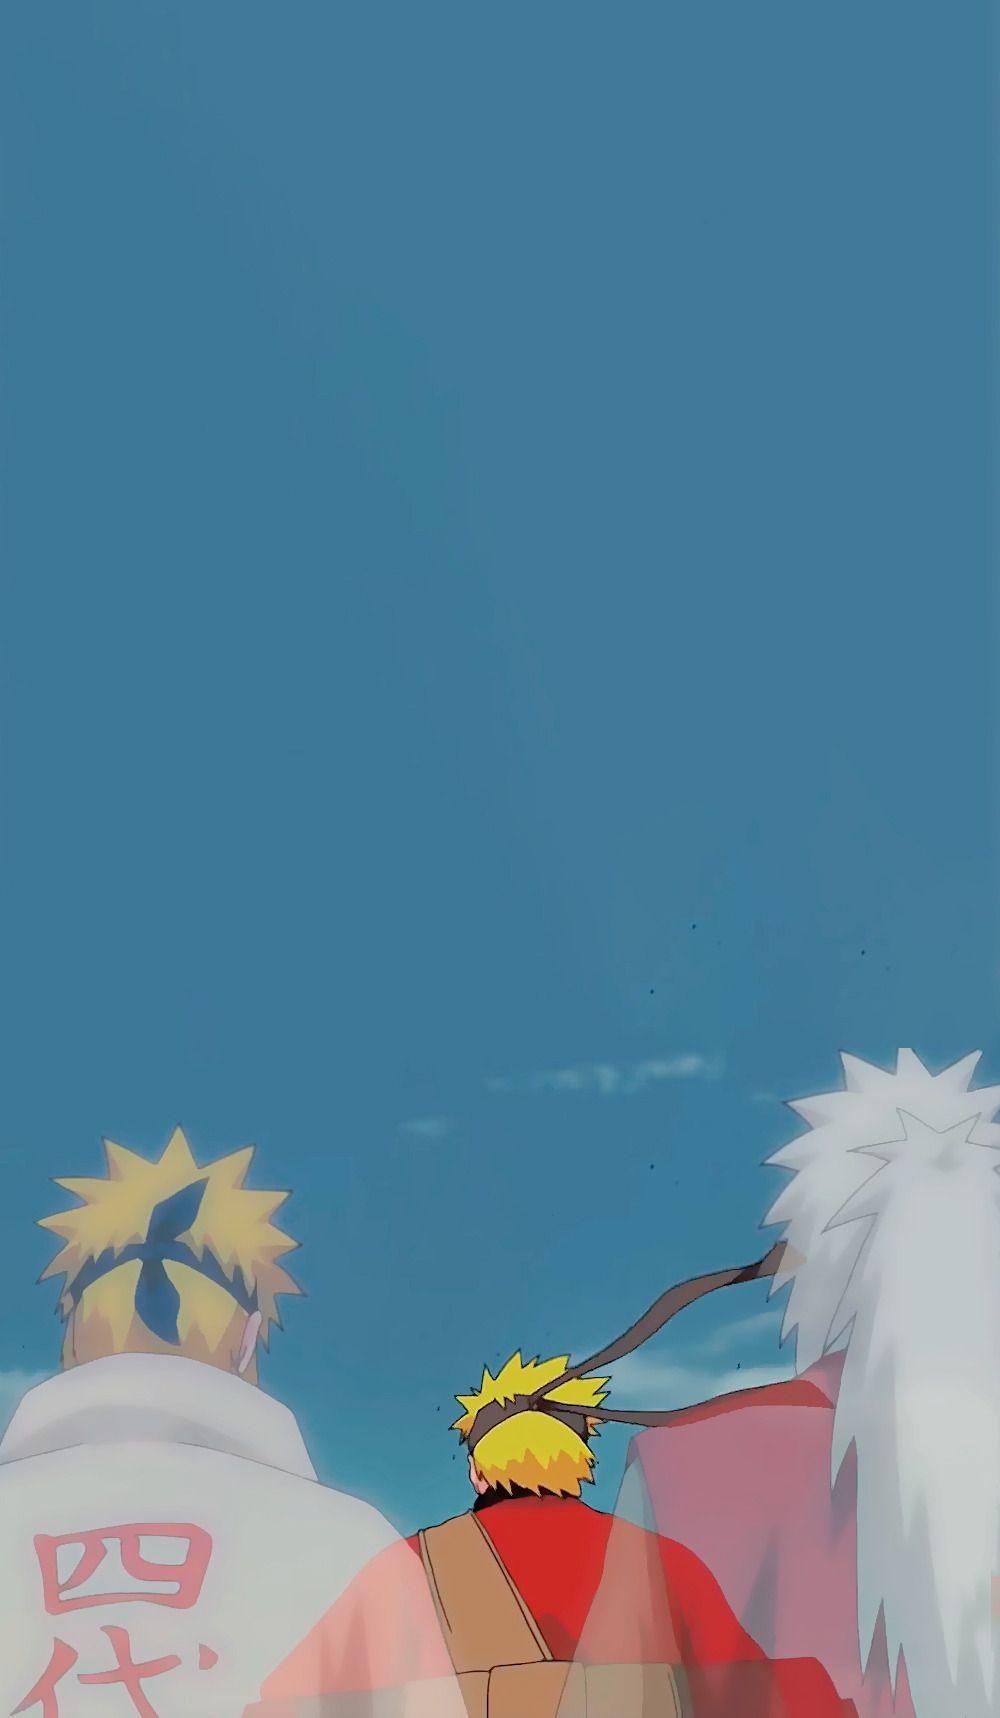 Minato With Images Wallpaper Naruto Shippuden Naruto Jiraiya Naruto Minato